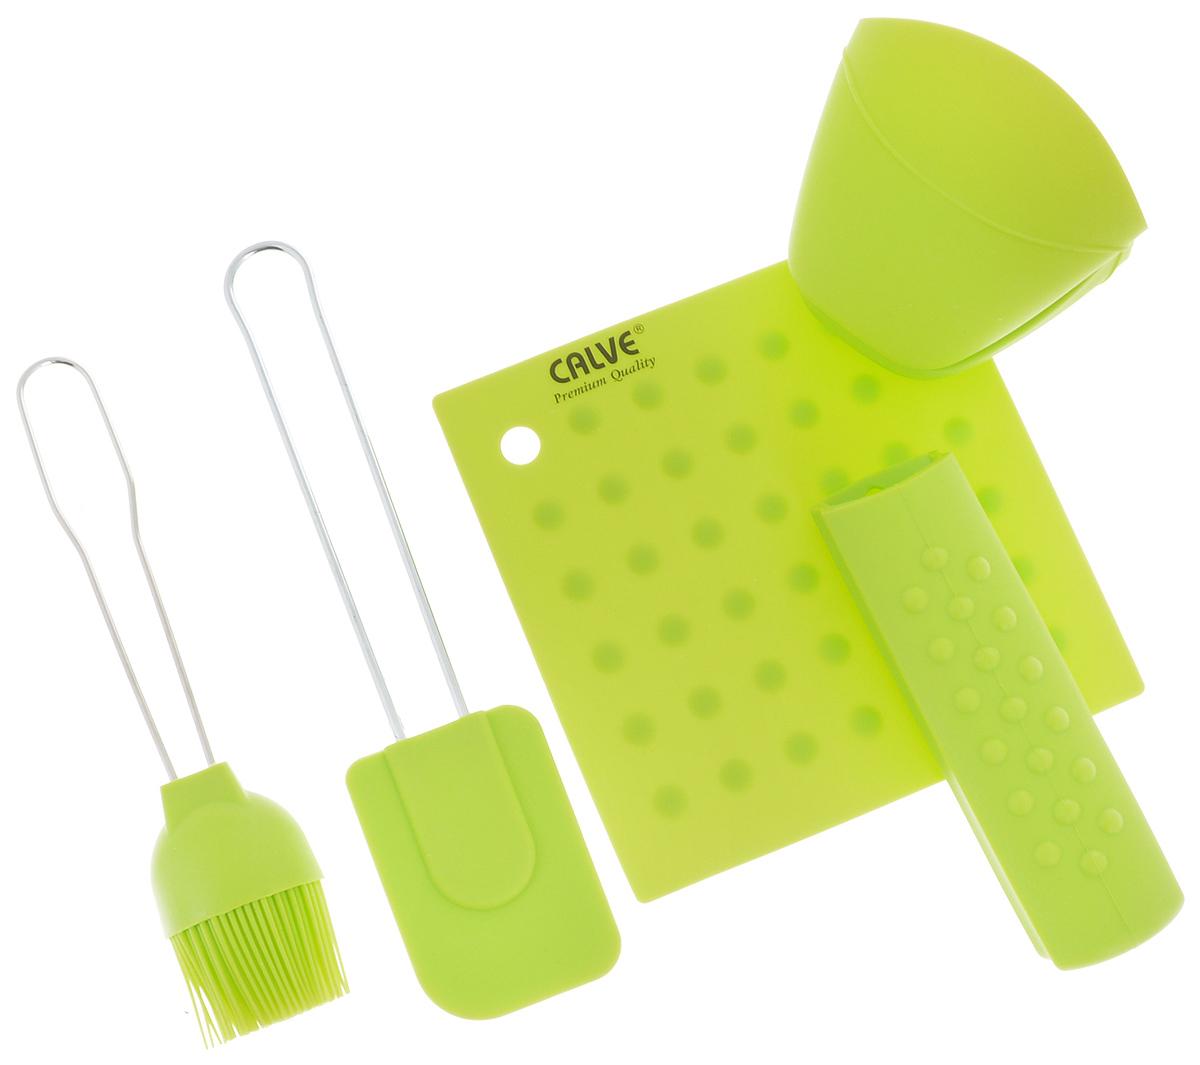 """Набор для выпечки """"Calve"""" состоит из подставки под горячее, лопатки, кисточки,  прихватки на ручку и прихватки для пальцев. Это самые востребованные  приборы для приготовления выпечки. Все предметы набора выполнены из  высококачественного и термостойкого силикона. Ручки лопатки и кисточки  выполнены из нержавеющей стали. Изделия безопасны для посуды с  антипригарным и керамическим покрытием.  Набор для выпечки """"Calve"""" станет отличным дополнением к коллекции ваших  кухонных аксессуаров.  Размер подставки под горячее: 17 х 17 см. Размер рабочей поверхности лопатки: 8,5 х 6 х 1 см. Общая длина лопатки: 25 см. Размер рабочей поверхности кисти: 8 х 5 х 2,3 см. Общая длина кисти: 21,5 см. Размер прихватки для пальцев: 10 х 9 х 8 см.  Длина прихватки на ручку: 15,5 см."""